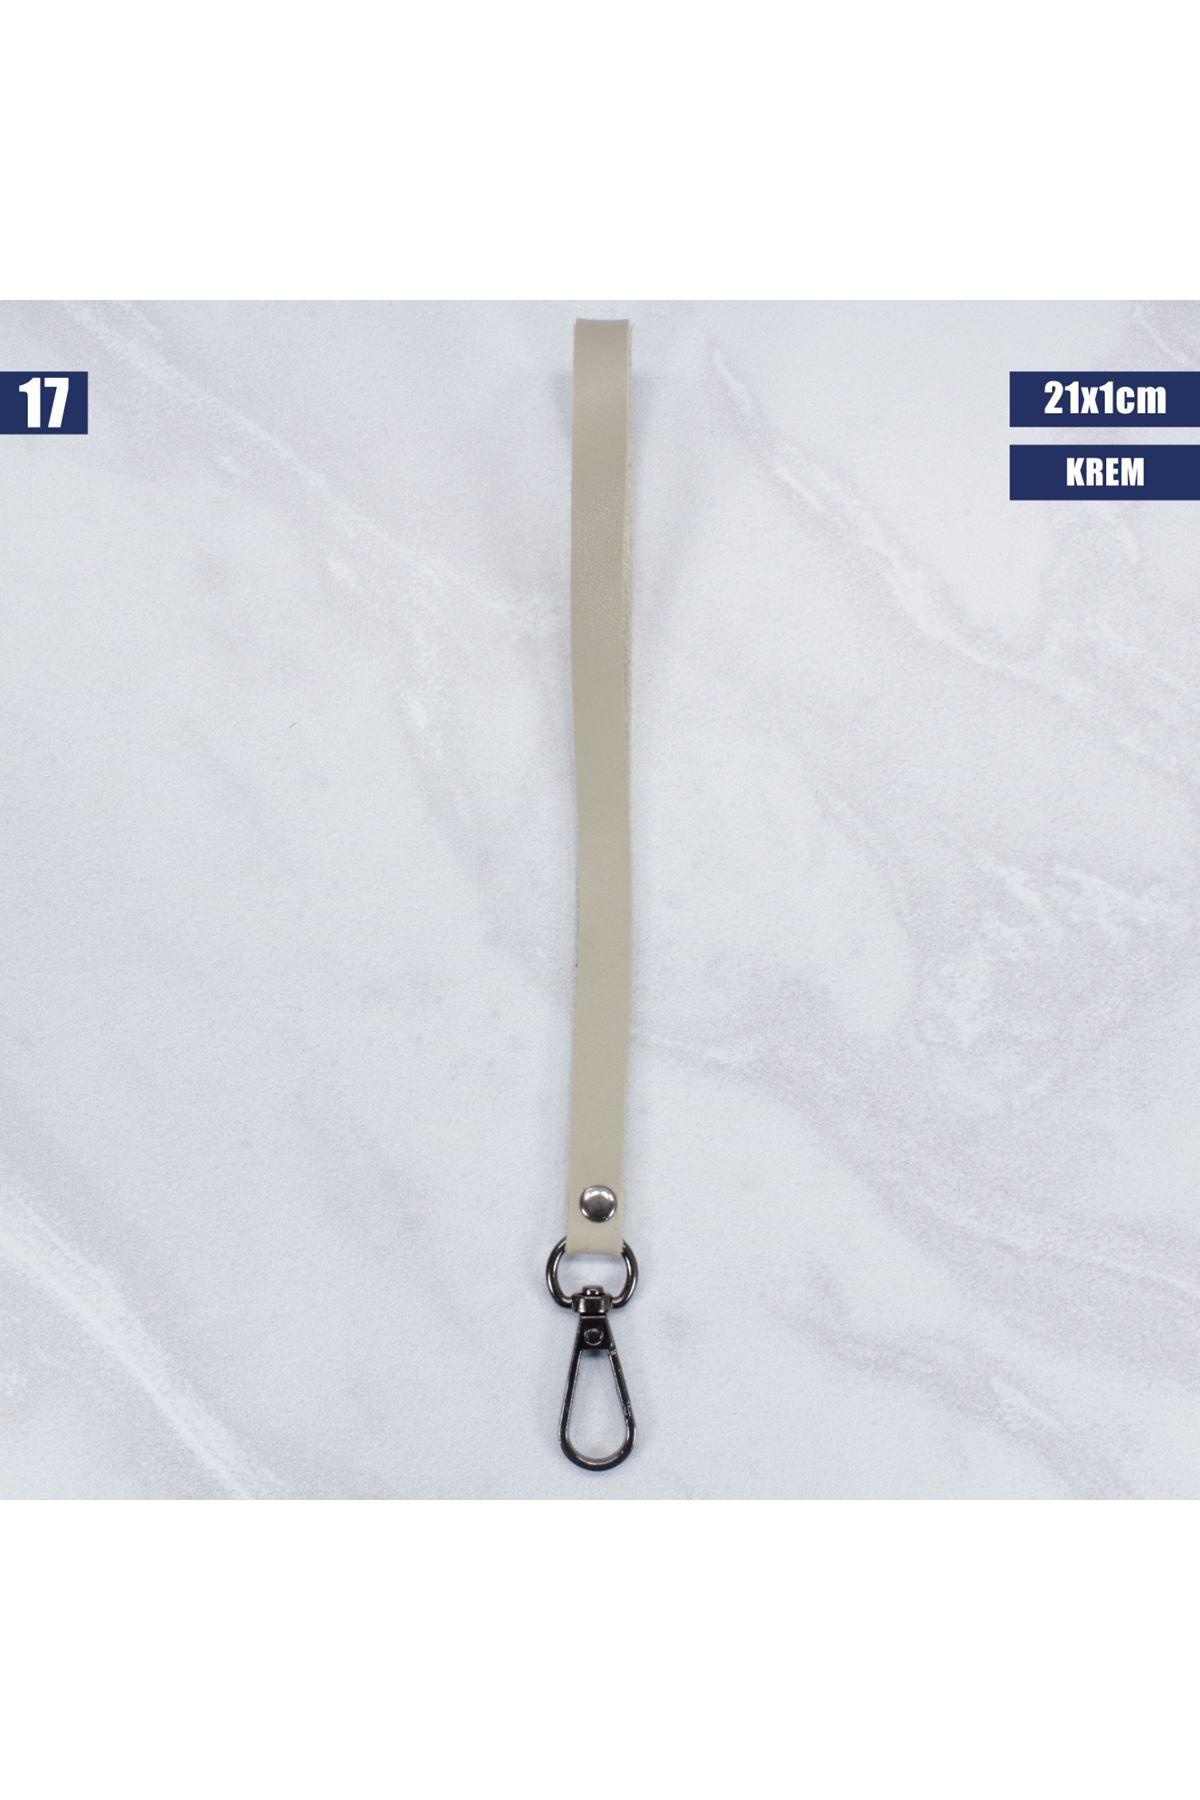 Deri Çanta Elciği - 17